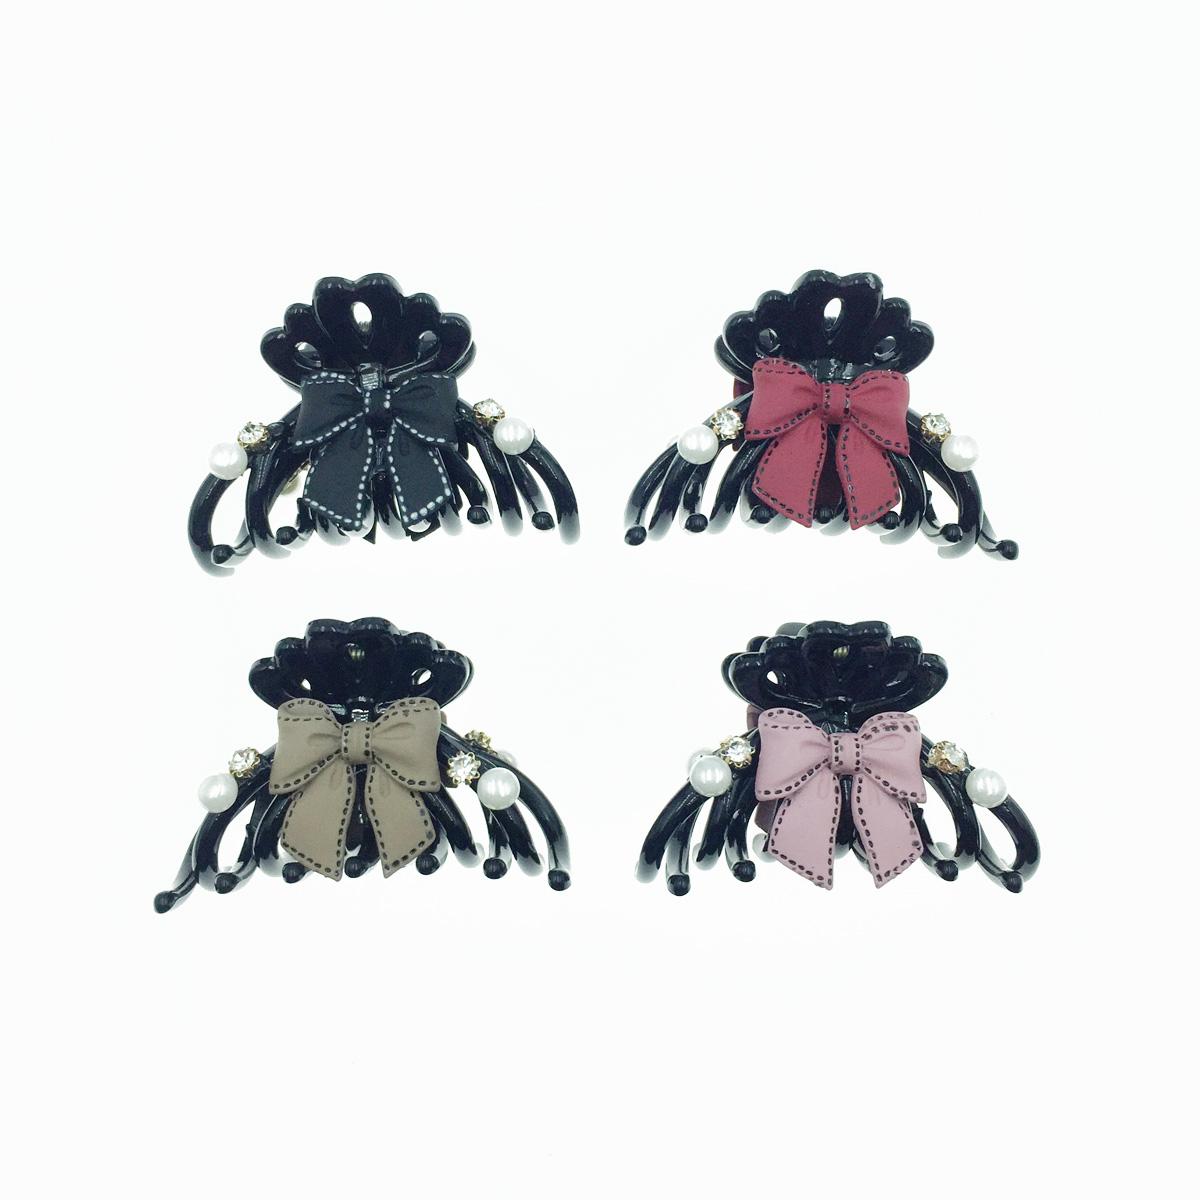 韓國 可愛彩色蝴蝶結 珍珠 水鑽  小鯊魚夾 髮夾 髮飾